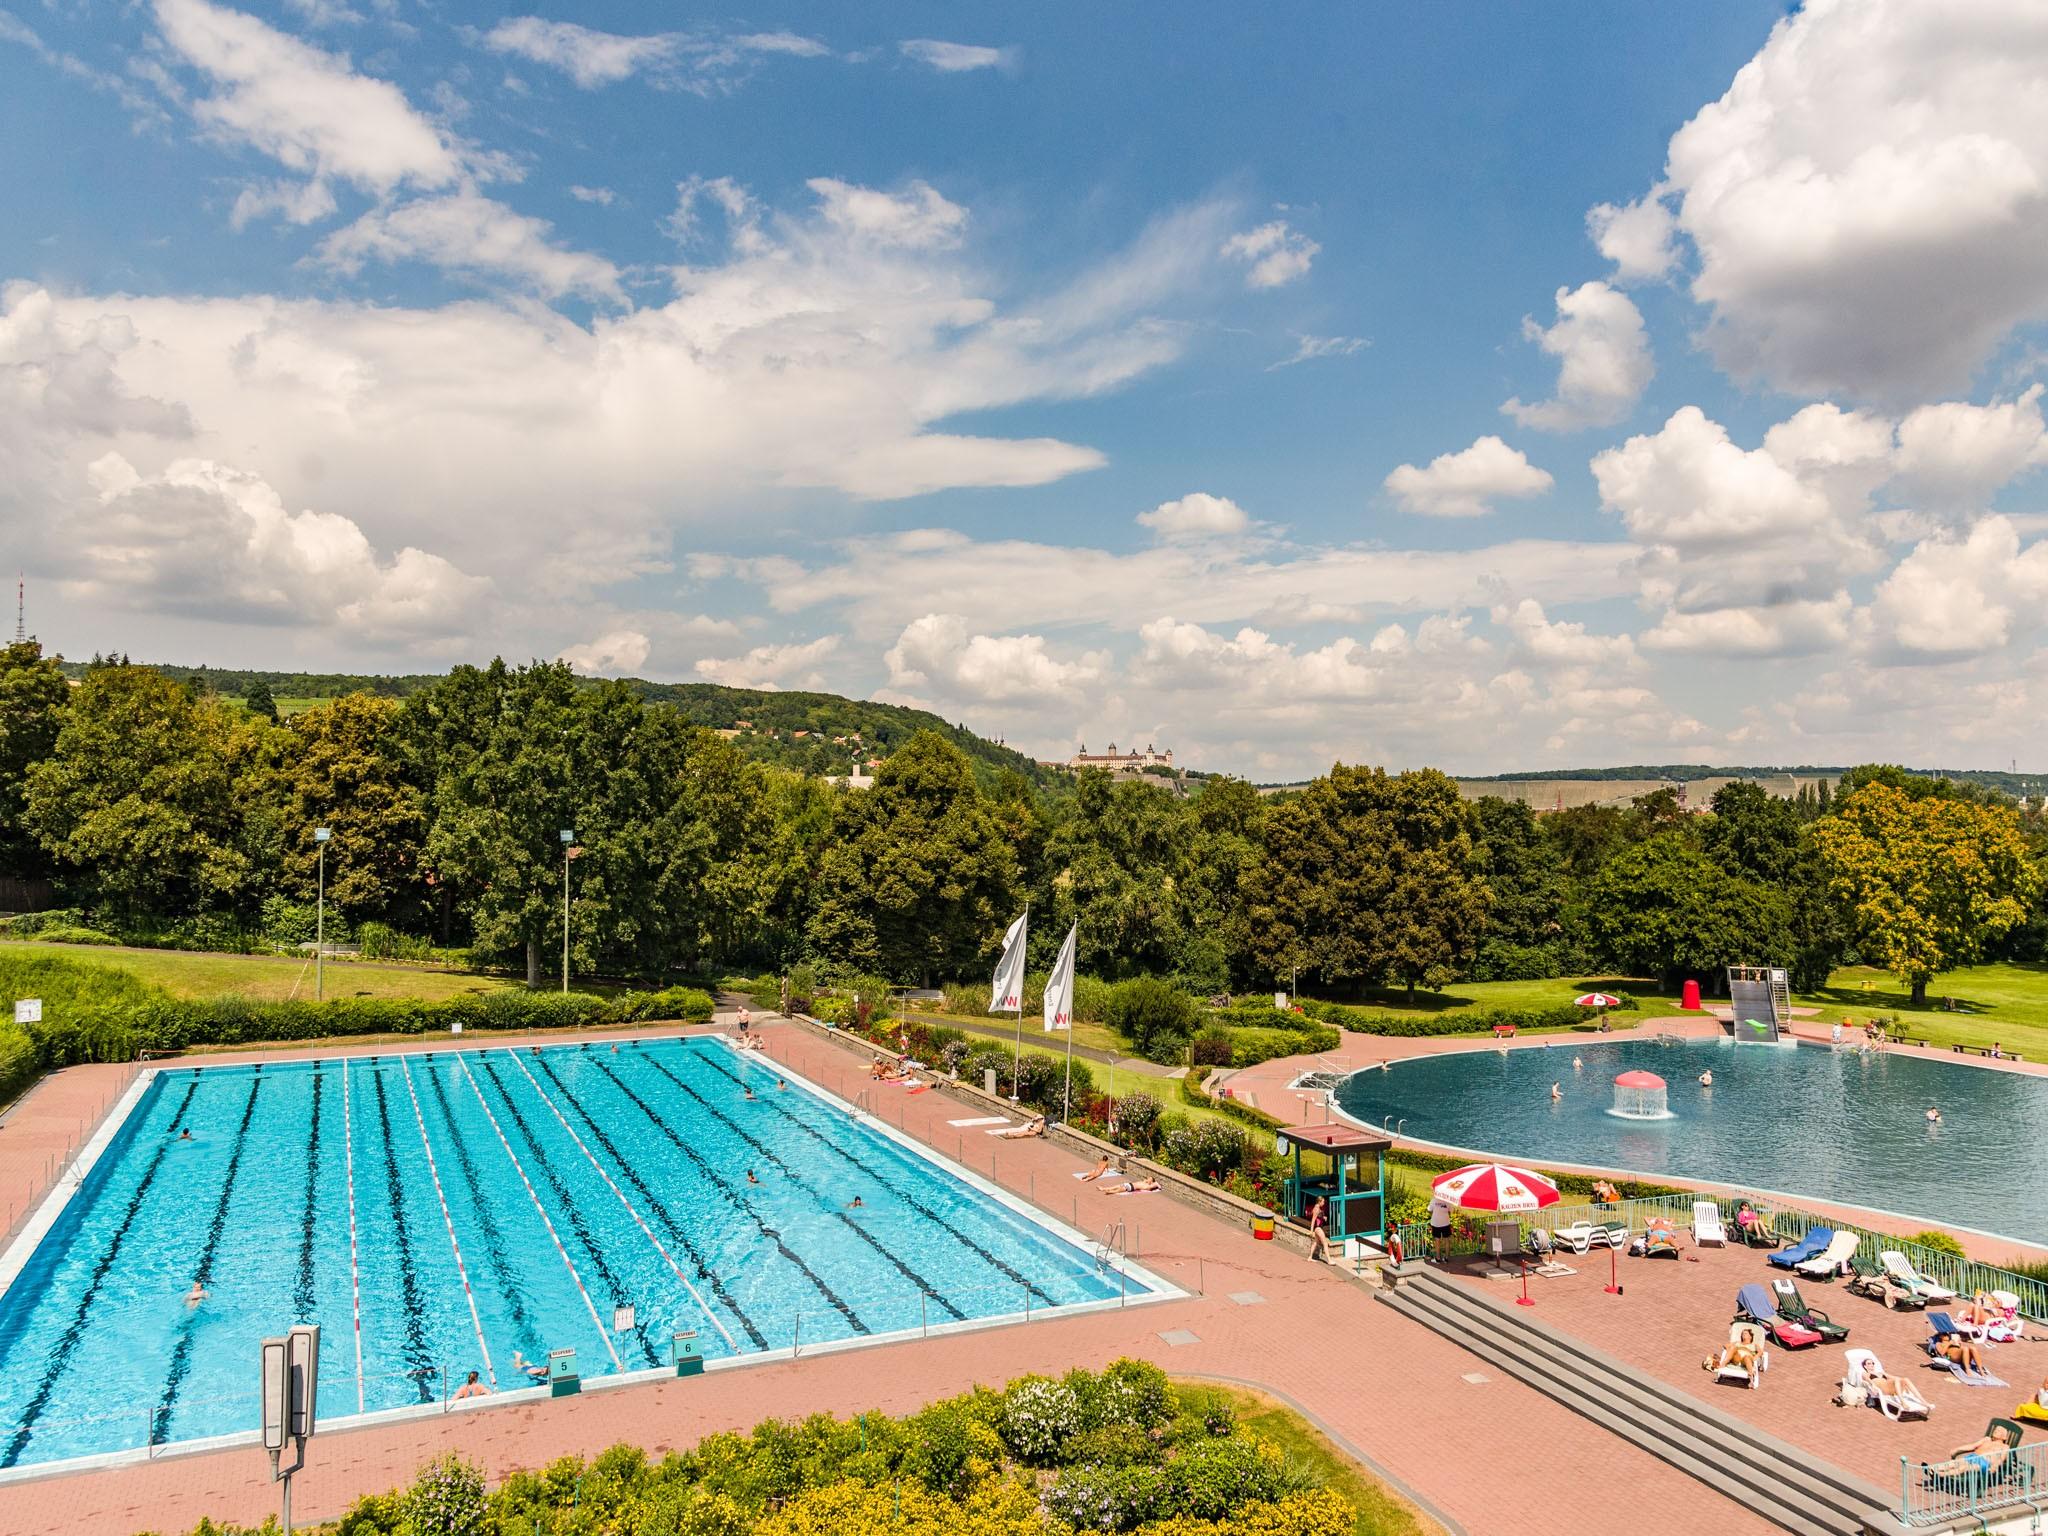 Auch in diesen Sommer kann man im Dallenbergbad die Freizeit genießen! Foto: Papay Landois GmbH